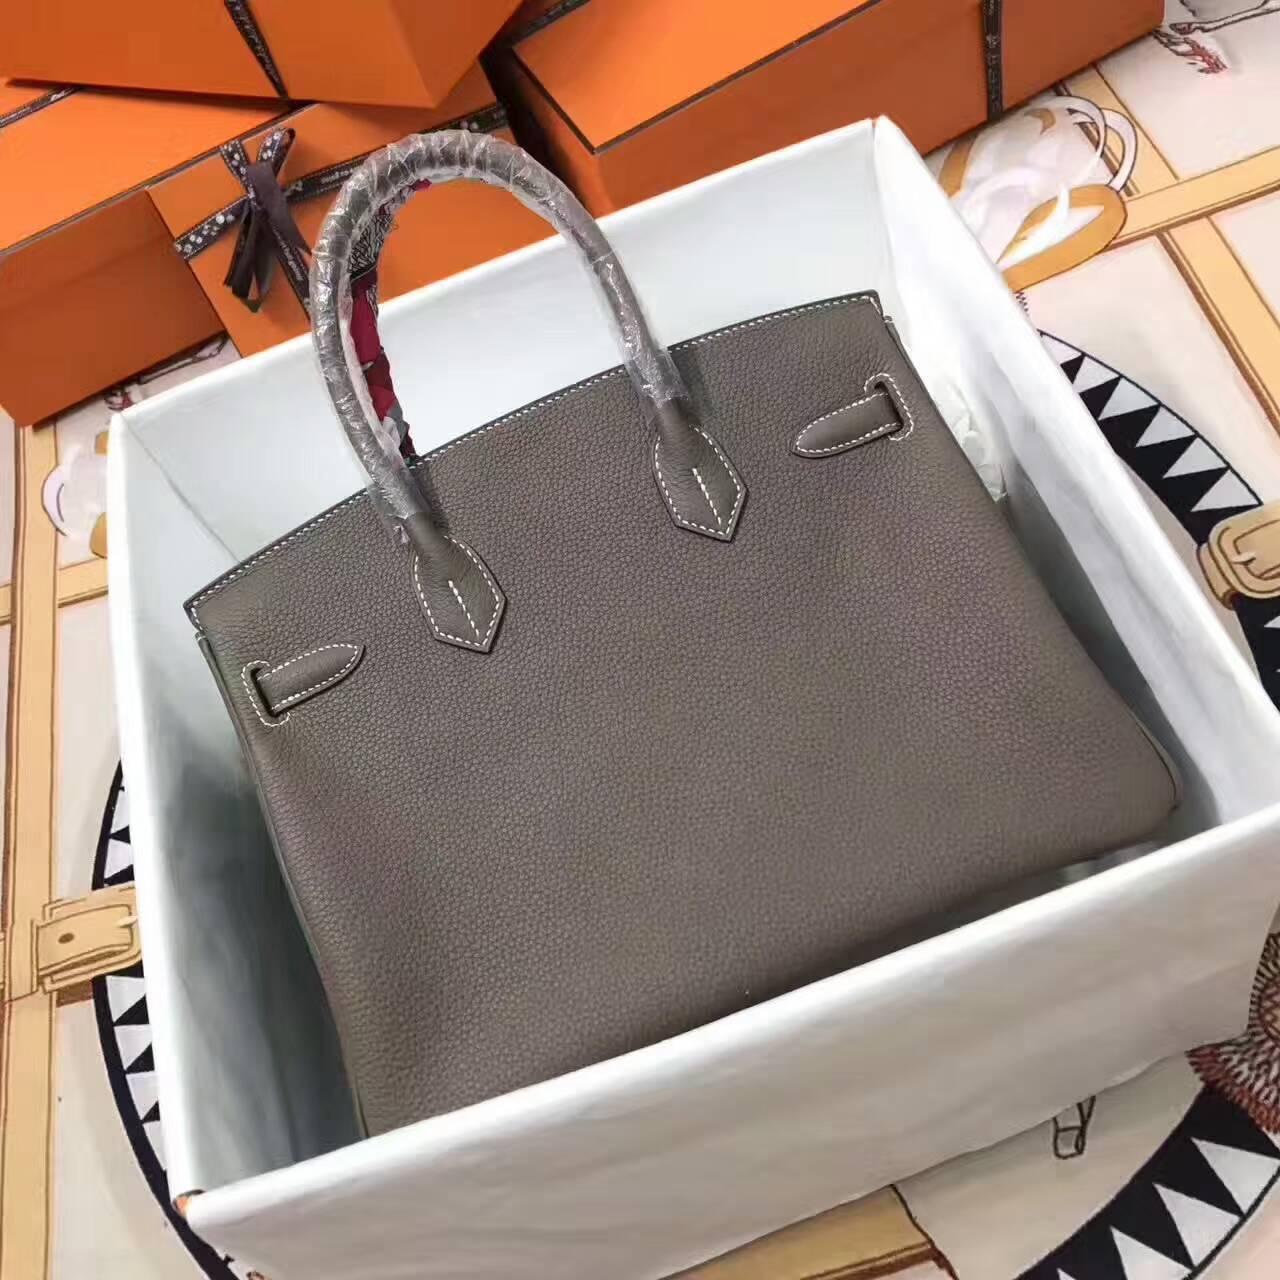 爱马仕铂金包 Birkin 30cm Togo 法国原产小牛皮 18 Etoupe 大象灰 银扣